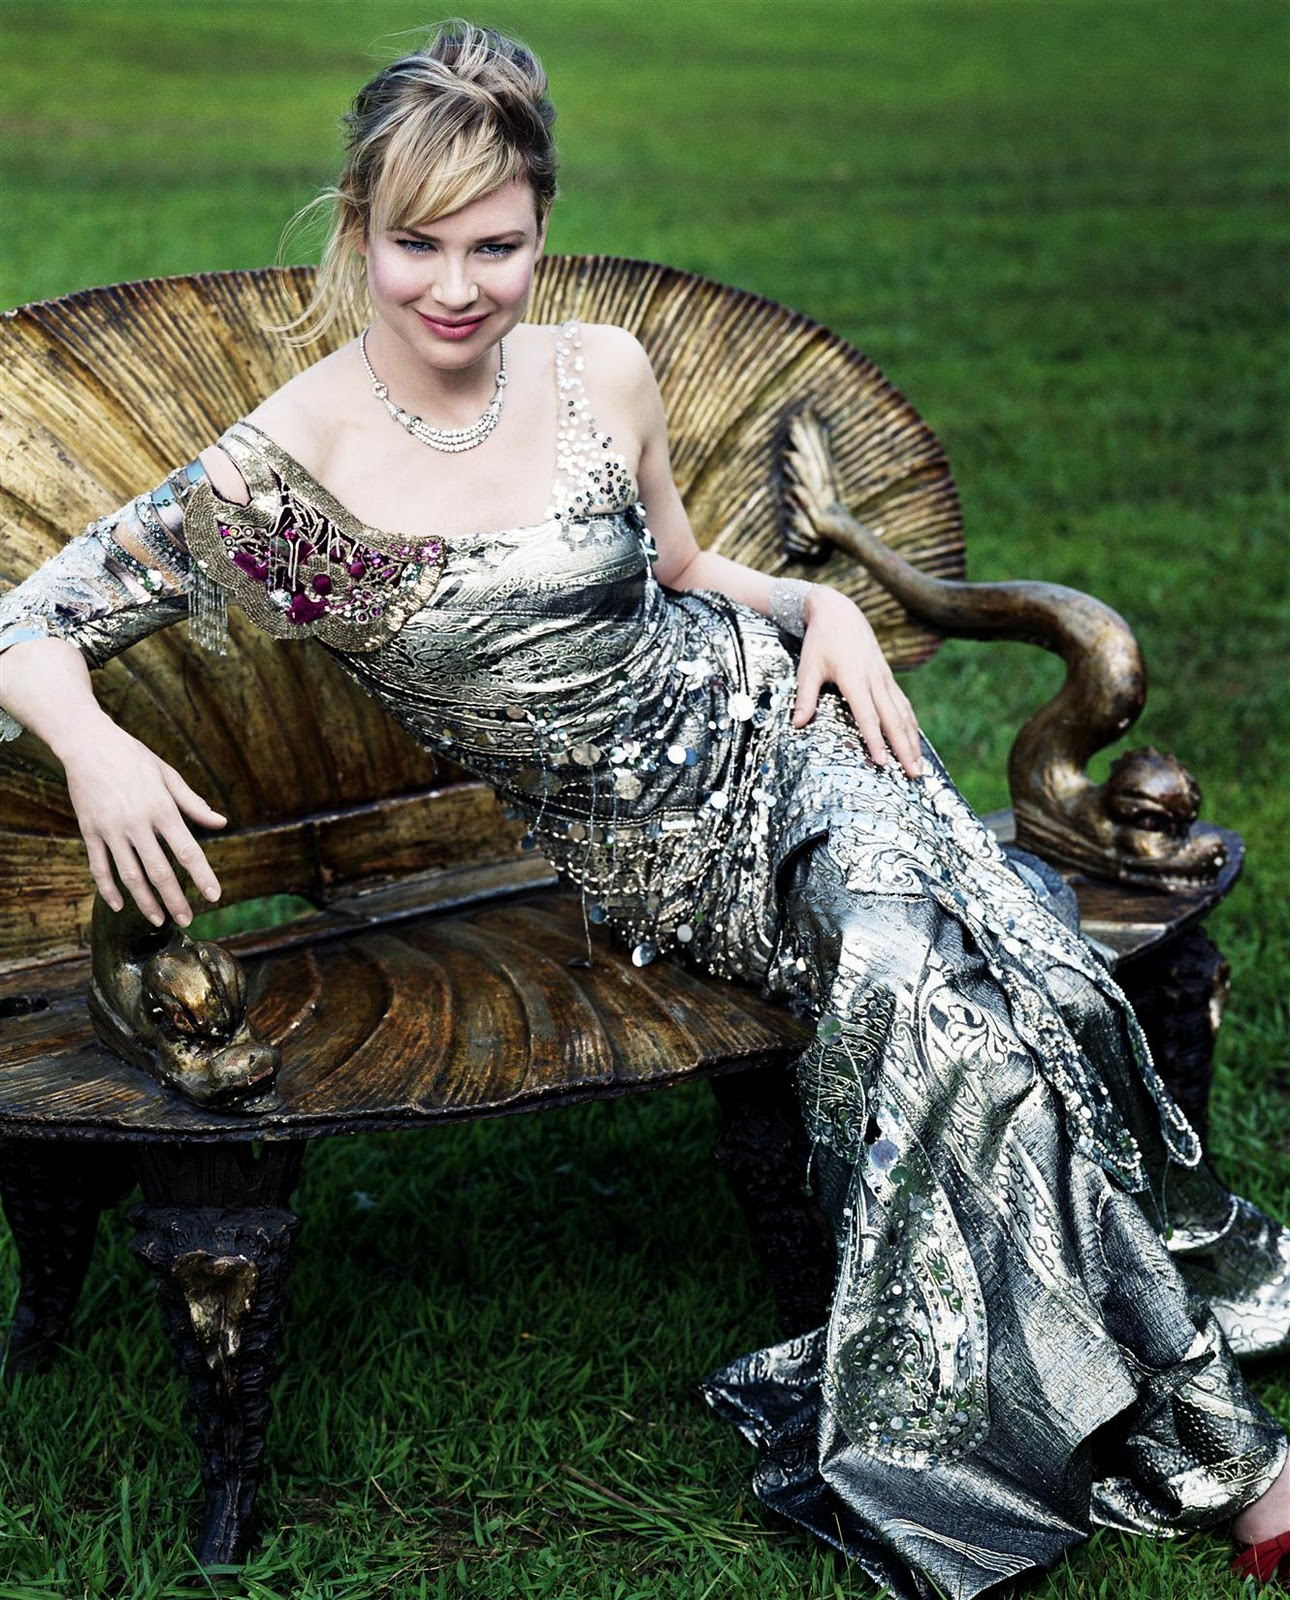 http://2.bp.blogspot.com/_AoS9kfI89Q4/TTQaBzuuZ4I/AAAAAAAAAQ8/FOg9ZT2YIwU/s1600/Renee+Zellweger+picture.jpg